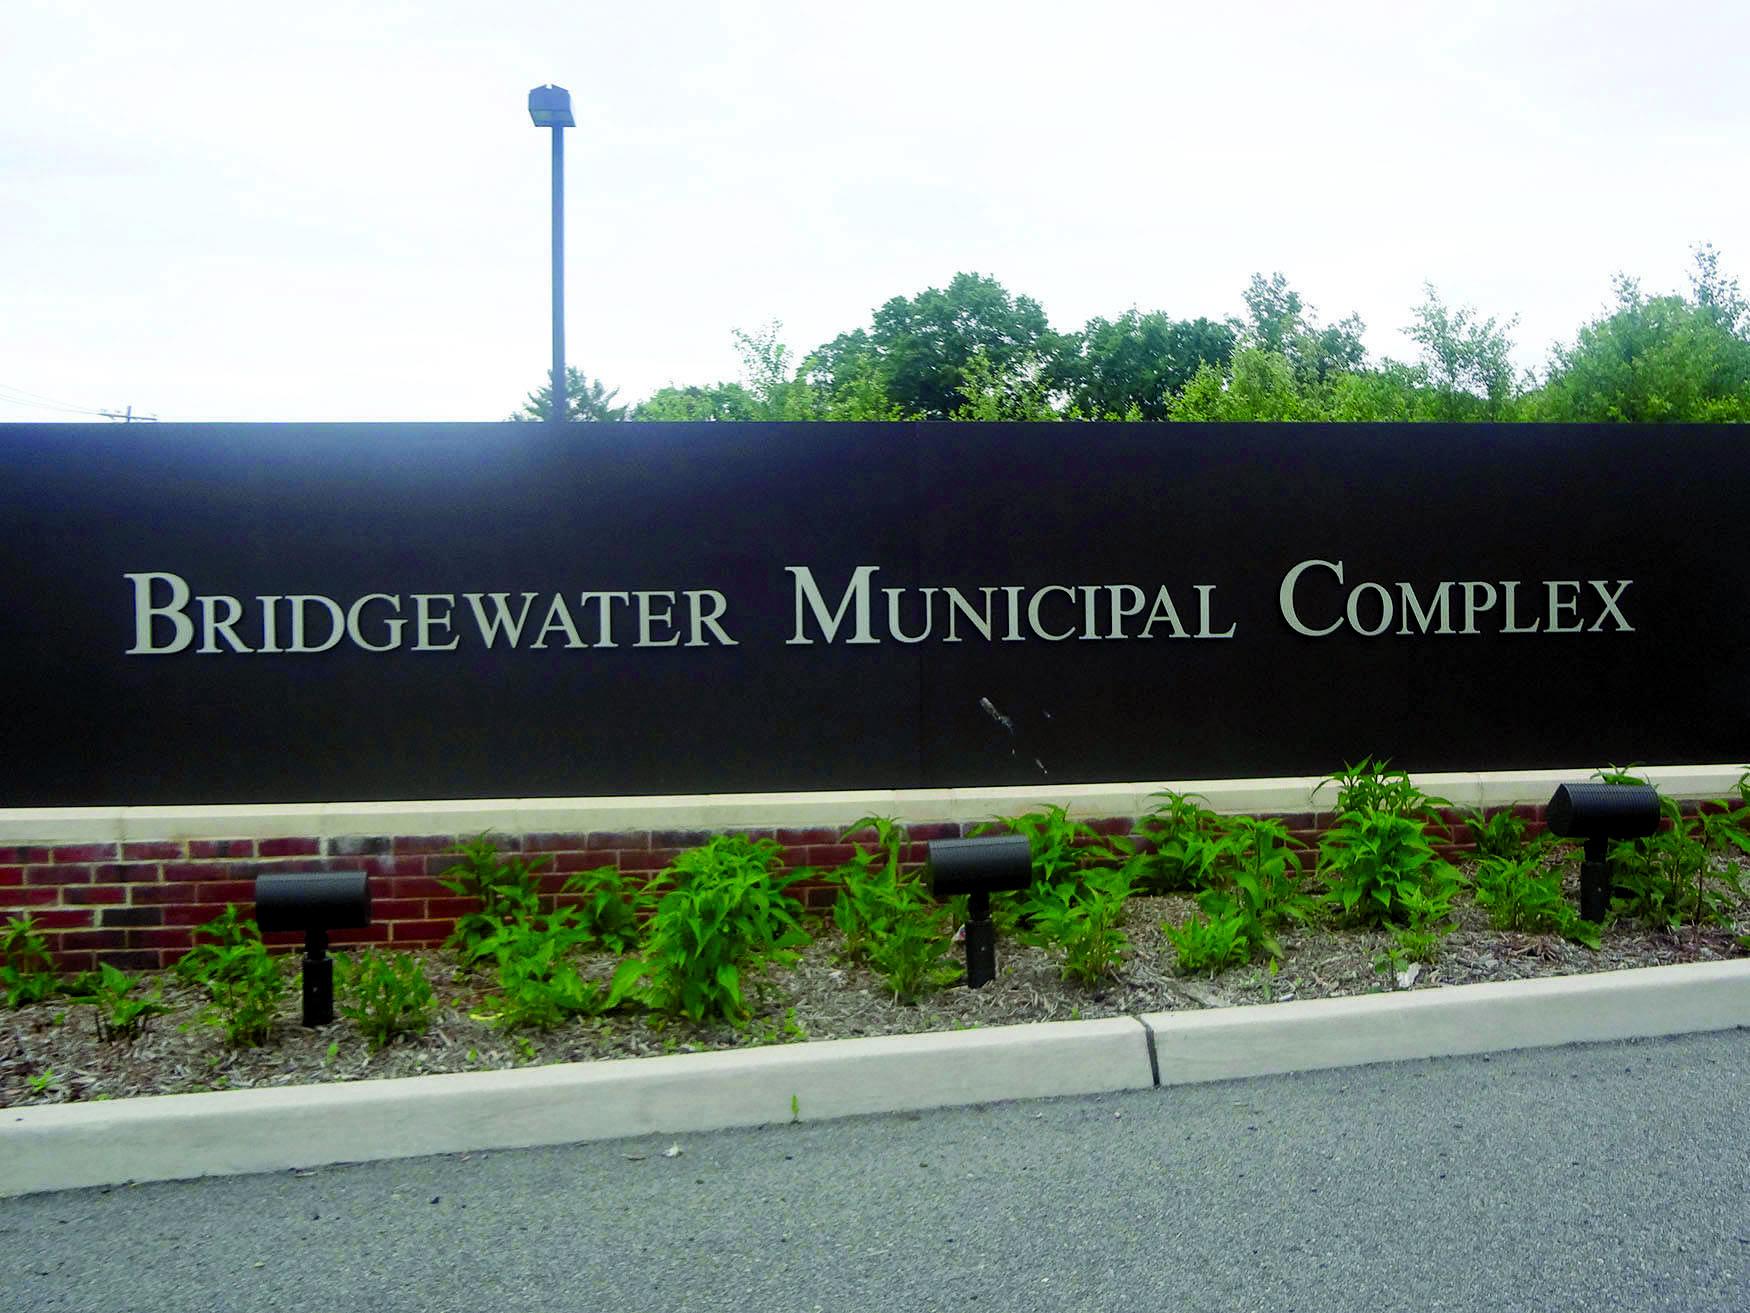 930f019b98c34bdc2f1f_Bridgewater_municipal.jpg